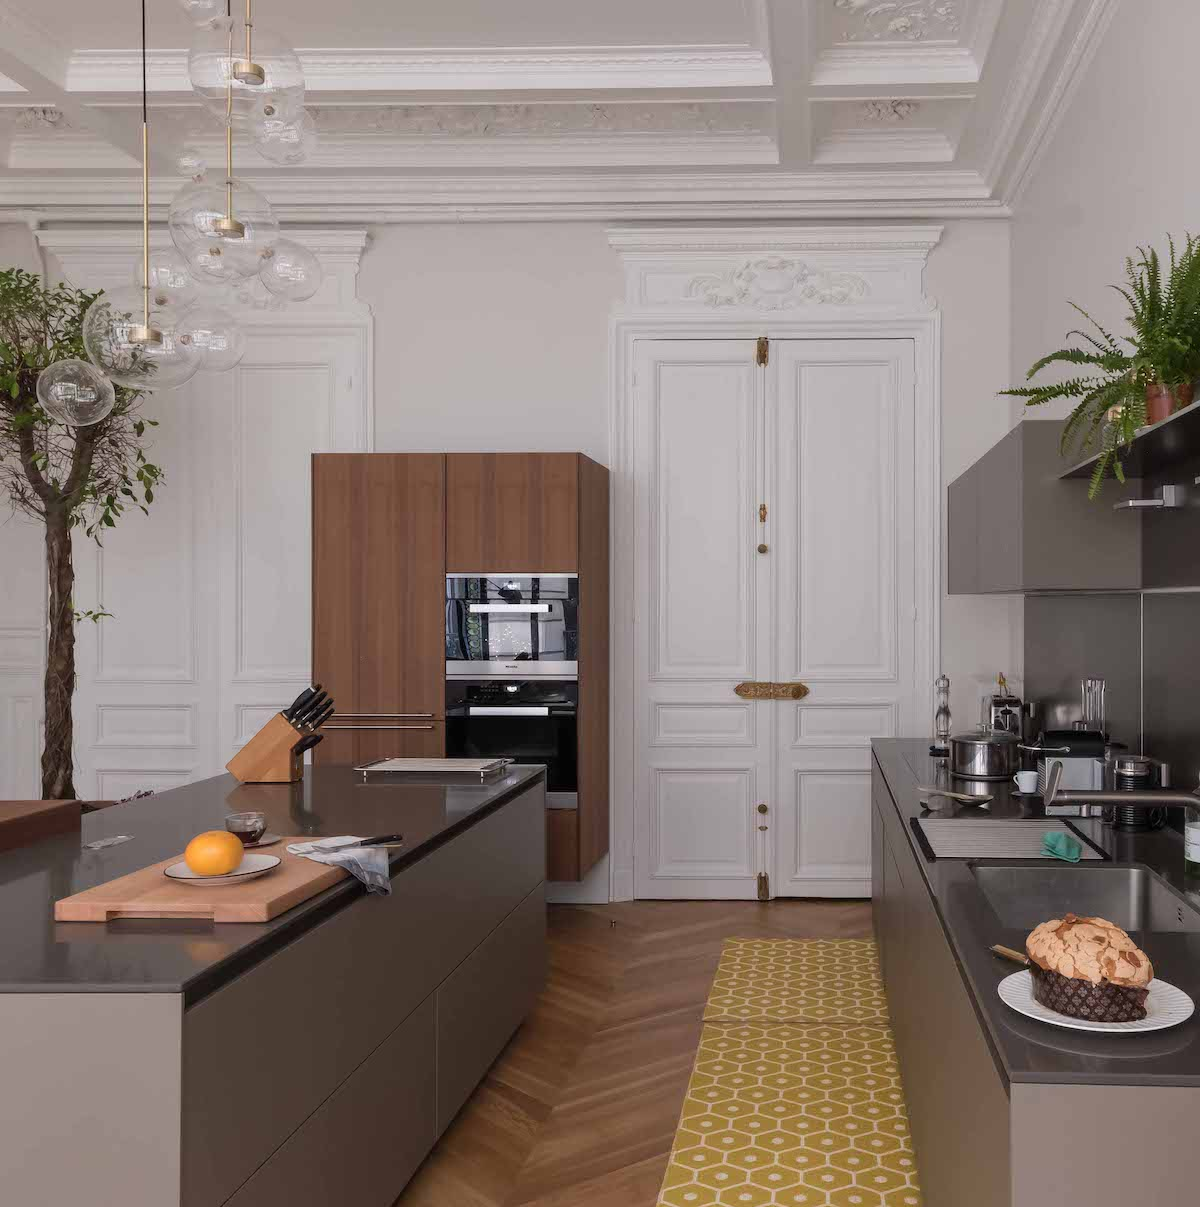 loft haussmannien cuisine grise mobilier bois tapis jaune rétro - blog déco - clem around the corner